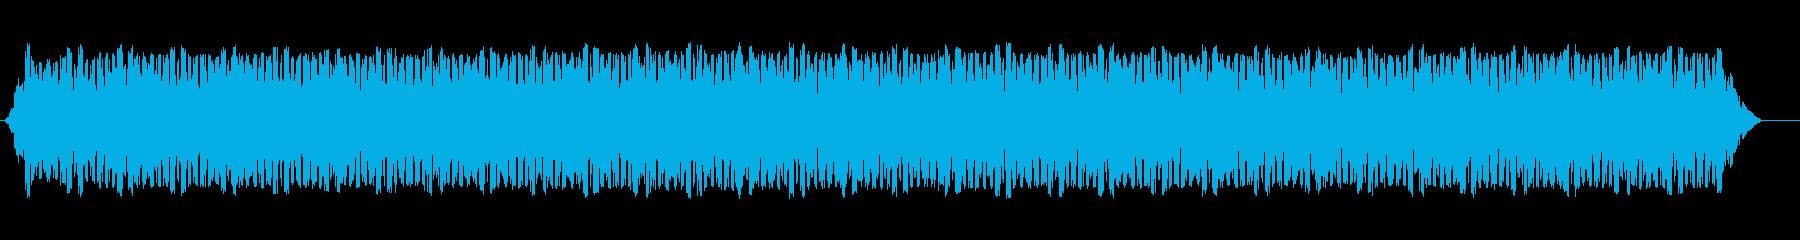 ネオンドローン1の再生済みの波形